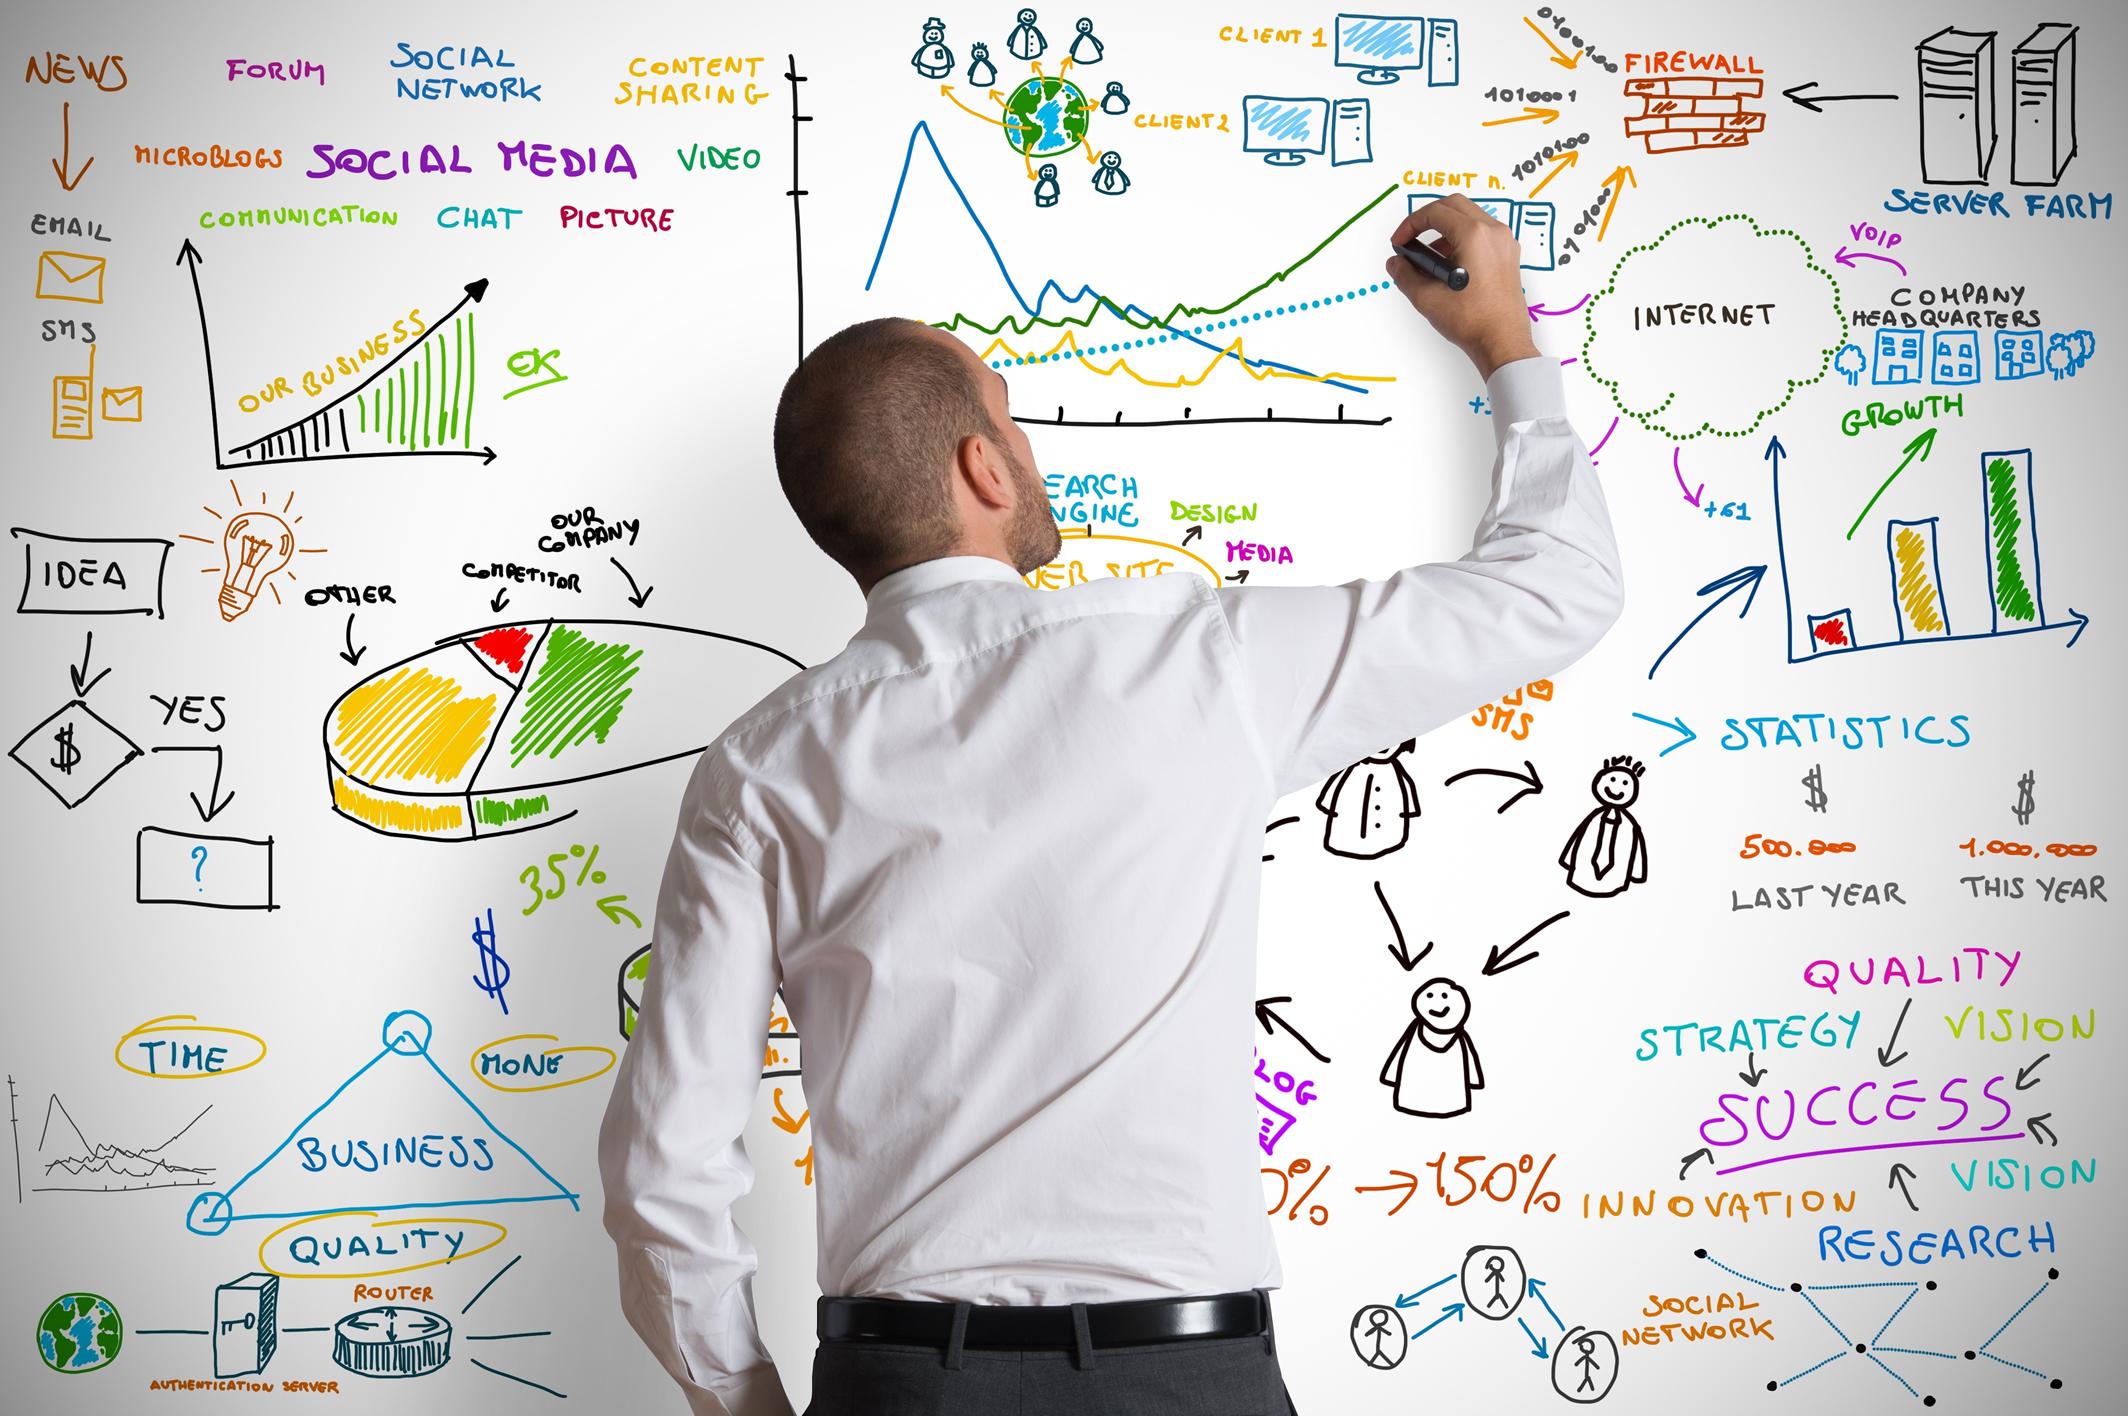 Curso EAD em Marketing Digital - Ensino a distância na Belas Artes